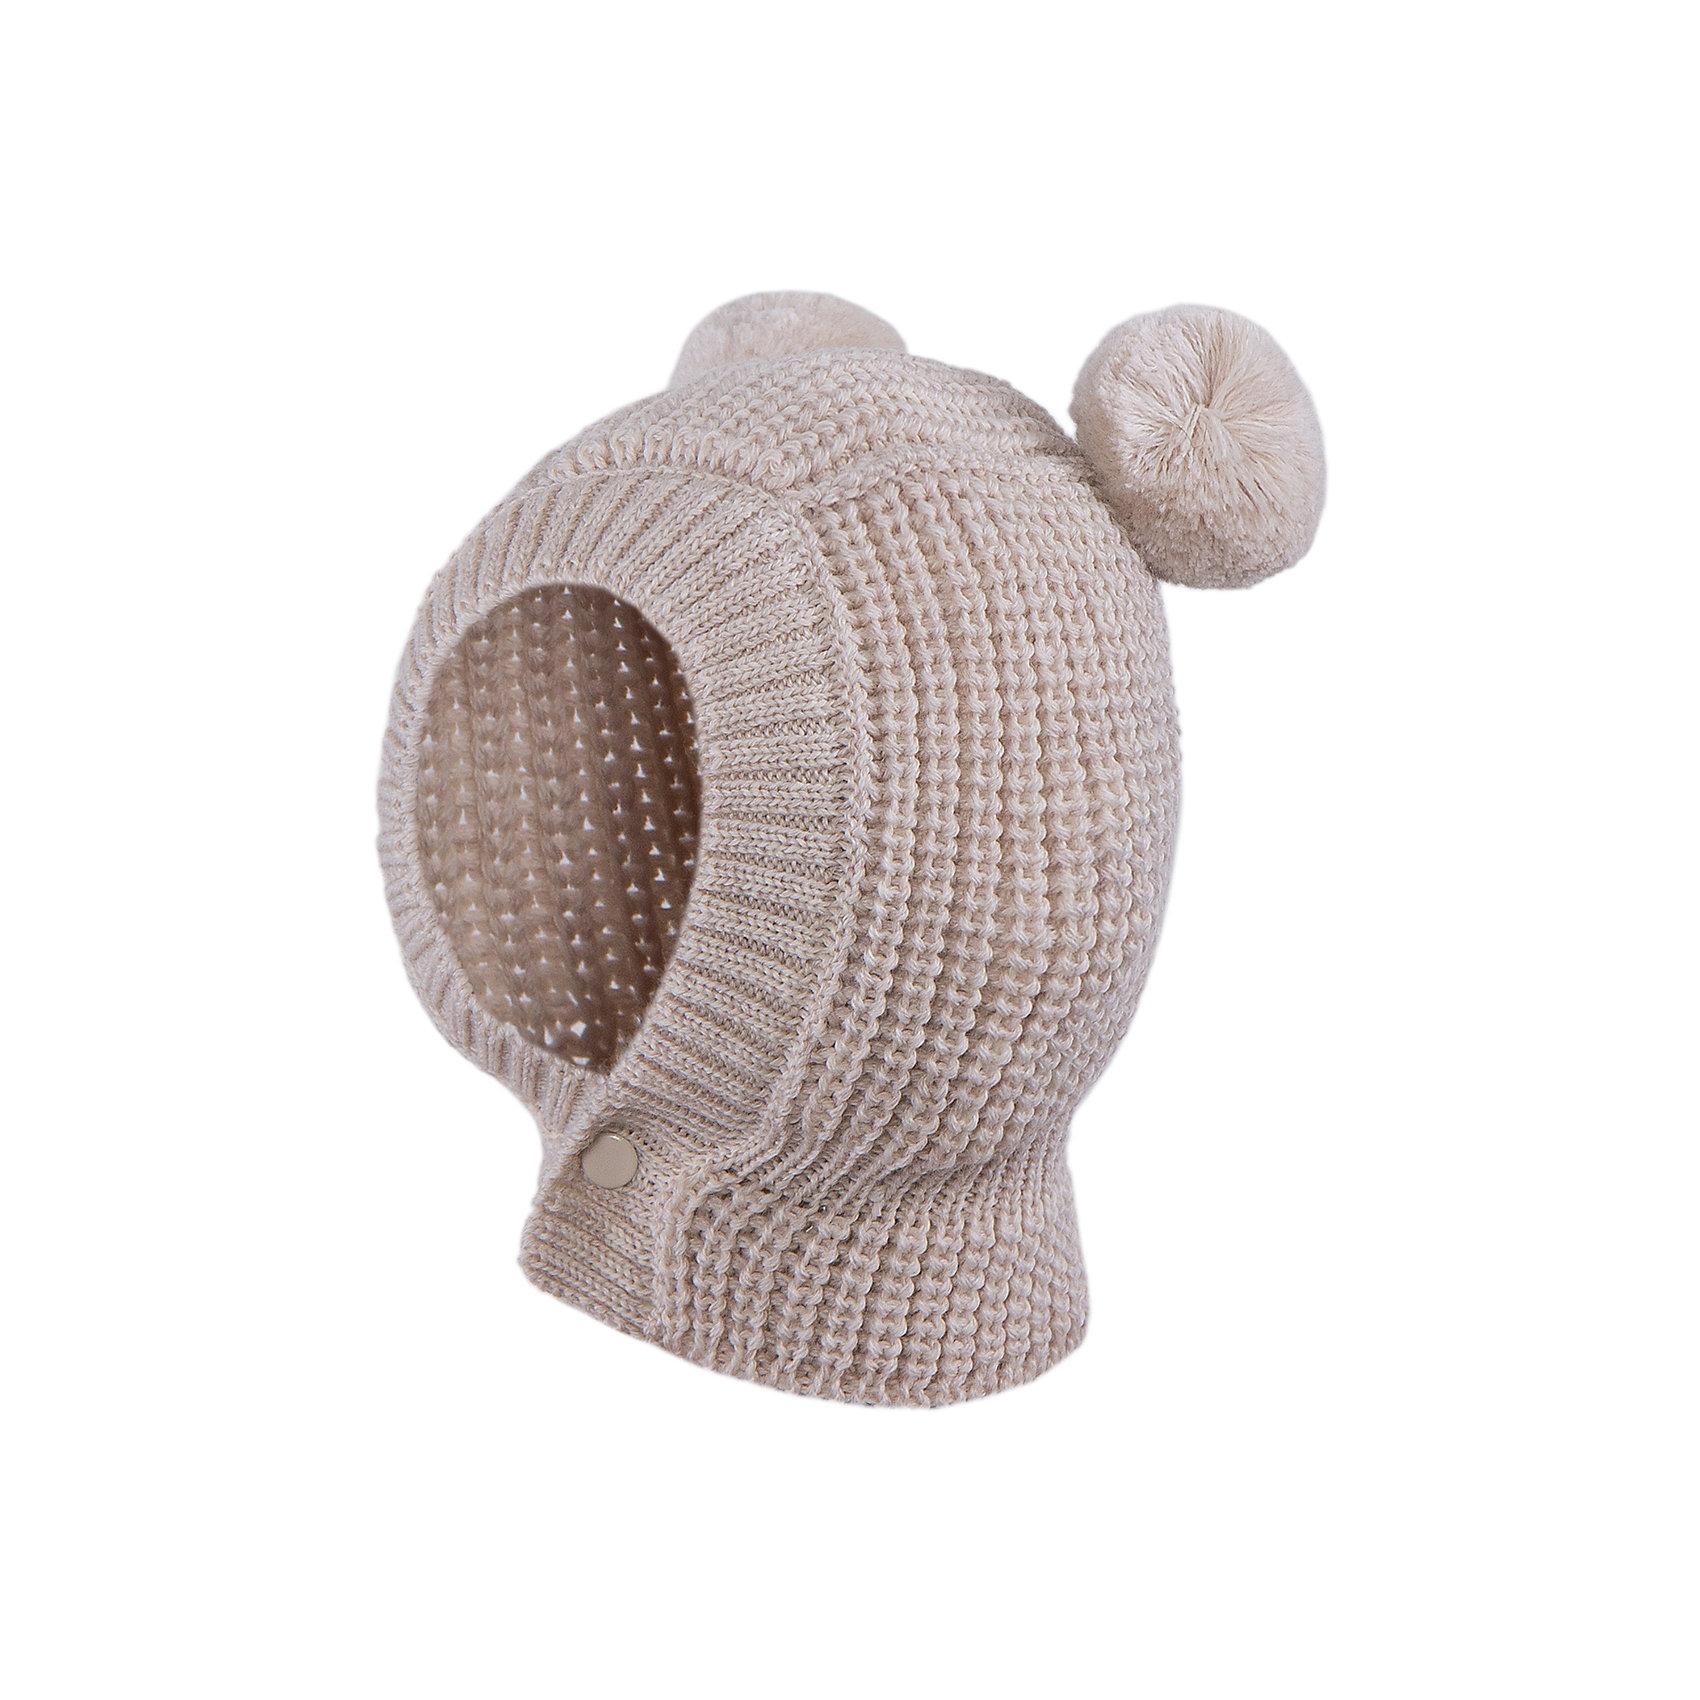 Шапка-шлем АртельШапка-шлем от торговой марки Артель <br><br>Оригинальная шапка-шлем для самых маленьких. Модель отлично смотрится на детях и комфортно сидит. Шапочка теплая, пряжа — мягкая, шерстяная.<br>Одежда от бренда Артель – это высокое качество по приемлемой цене и всегда продуманный дизайн. <br><br>Особенности модели: <br>- цвет — бежевый;<br>- застежки — пуговицы;<br>- две бомбошки; <br>- натуральная шерсть. <br><br>Дополнительная информация: <br><br>Состав: 100% шерсть.<br><br>Температурный режим: <br>От -15 °C до +5 °C <br><br>Шапку-шлем Артель (Artel) можно купить в нашем магазине.<br><br>Ширина мм: 89<br>Глубина мм: 117<br>Высота мм: 44<br>Вес г: 155<br>Цвет: бежевый<br>Возраст от месяцев: 1<br>Возраст до месяцев: 2<br>Пол: Унисекс<br>Возраст: Детский<br>Размер: 40,44,36<br>SKU: 4500660